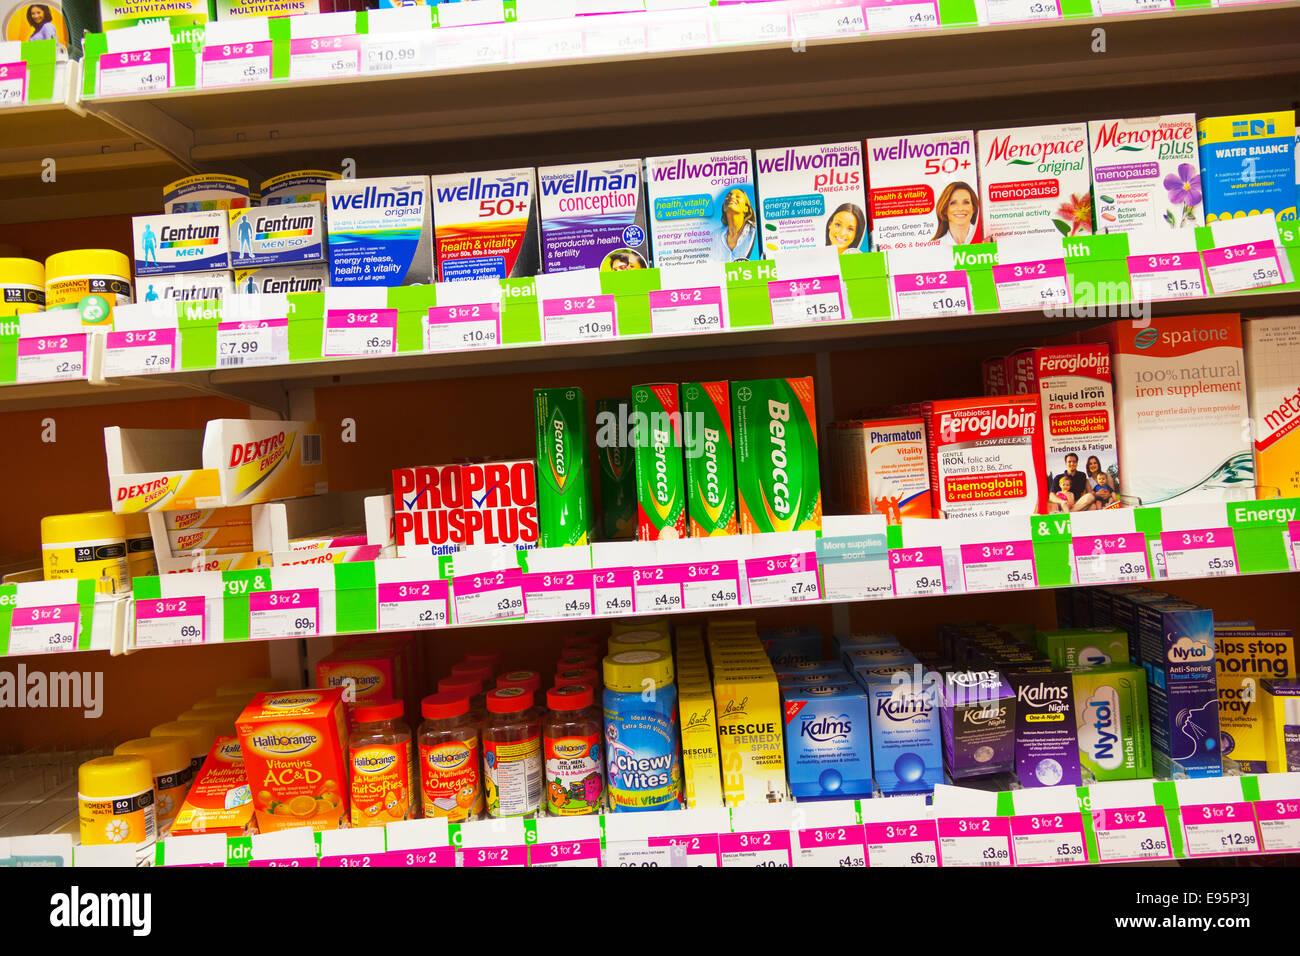 Wellman Berocca Vitamine Gesundheit Vitalität Produkte im Regal in Apotheke Apotheken Shop speichern innen Stockbild